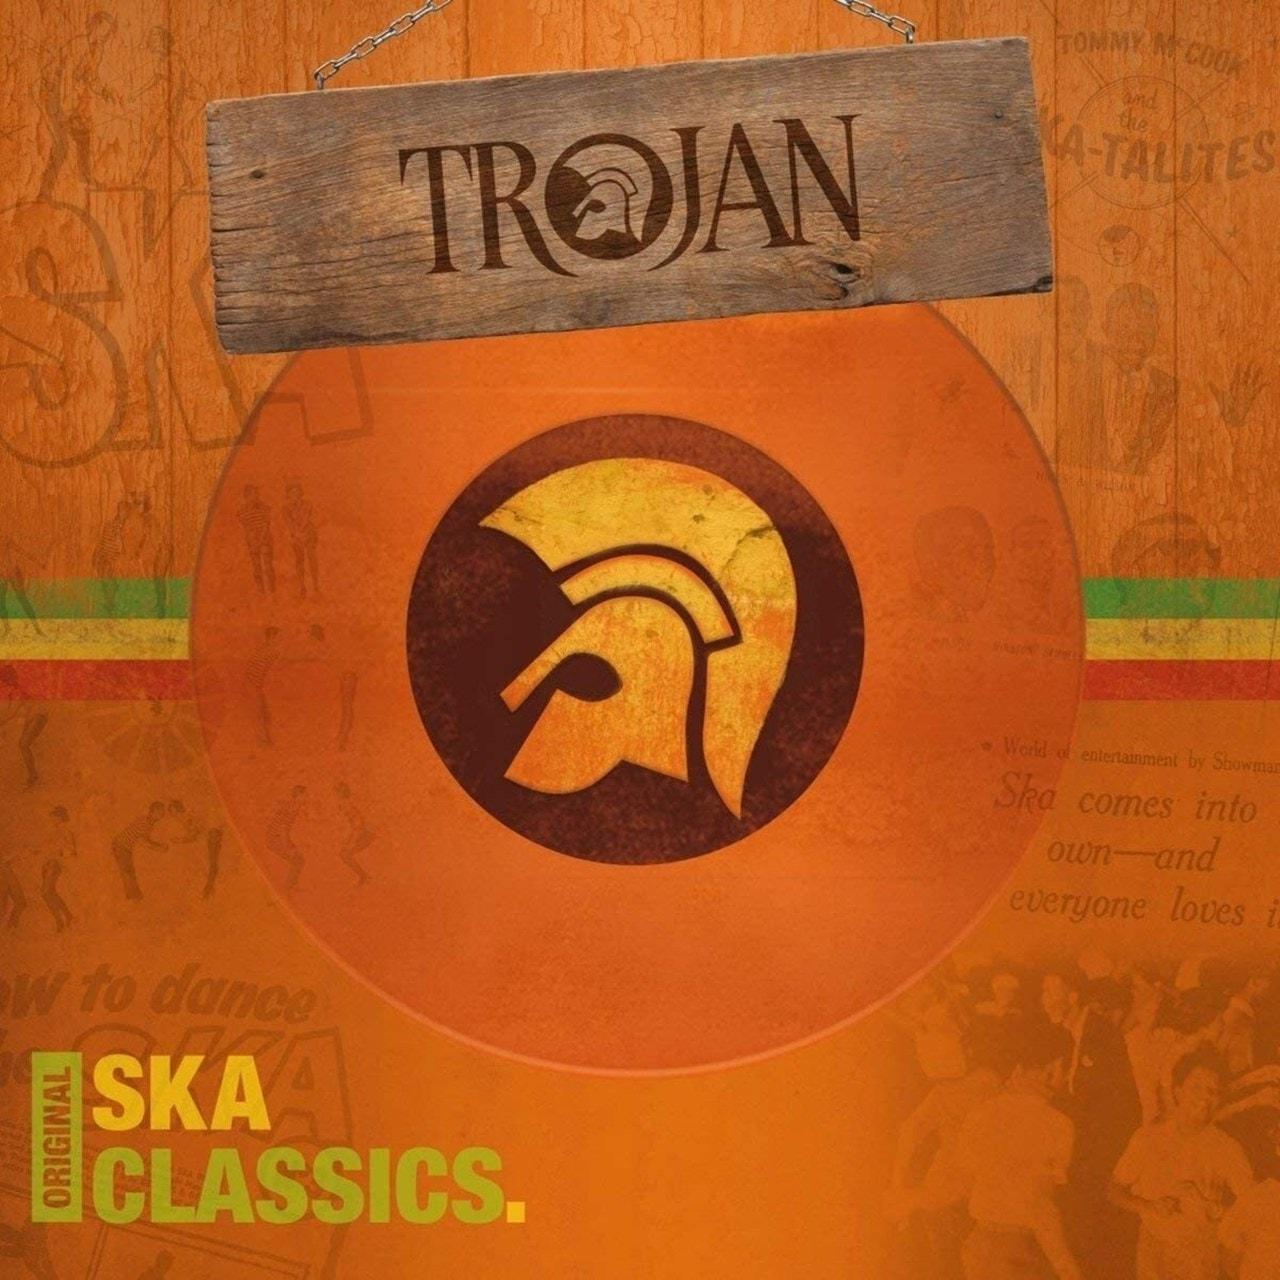 Original Ska Classics - 1